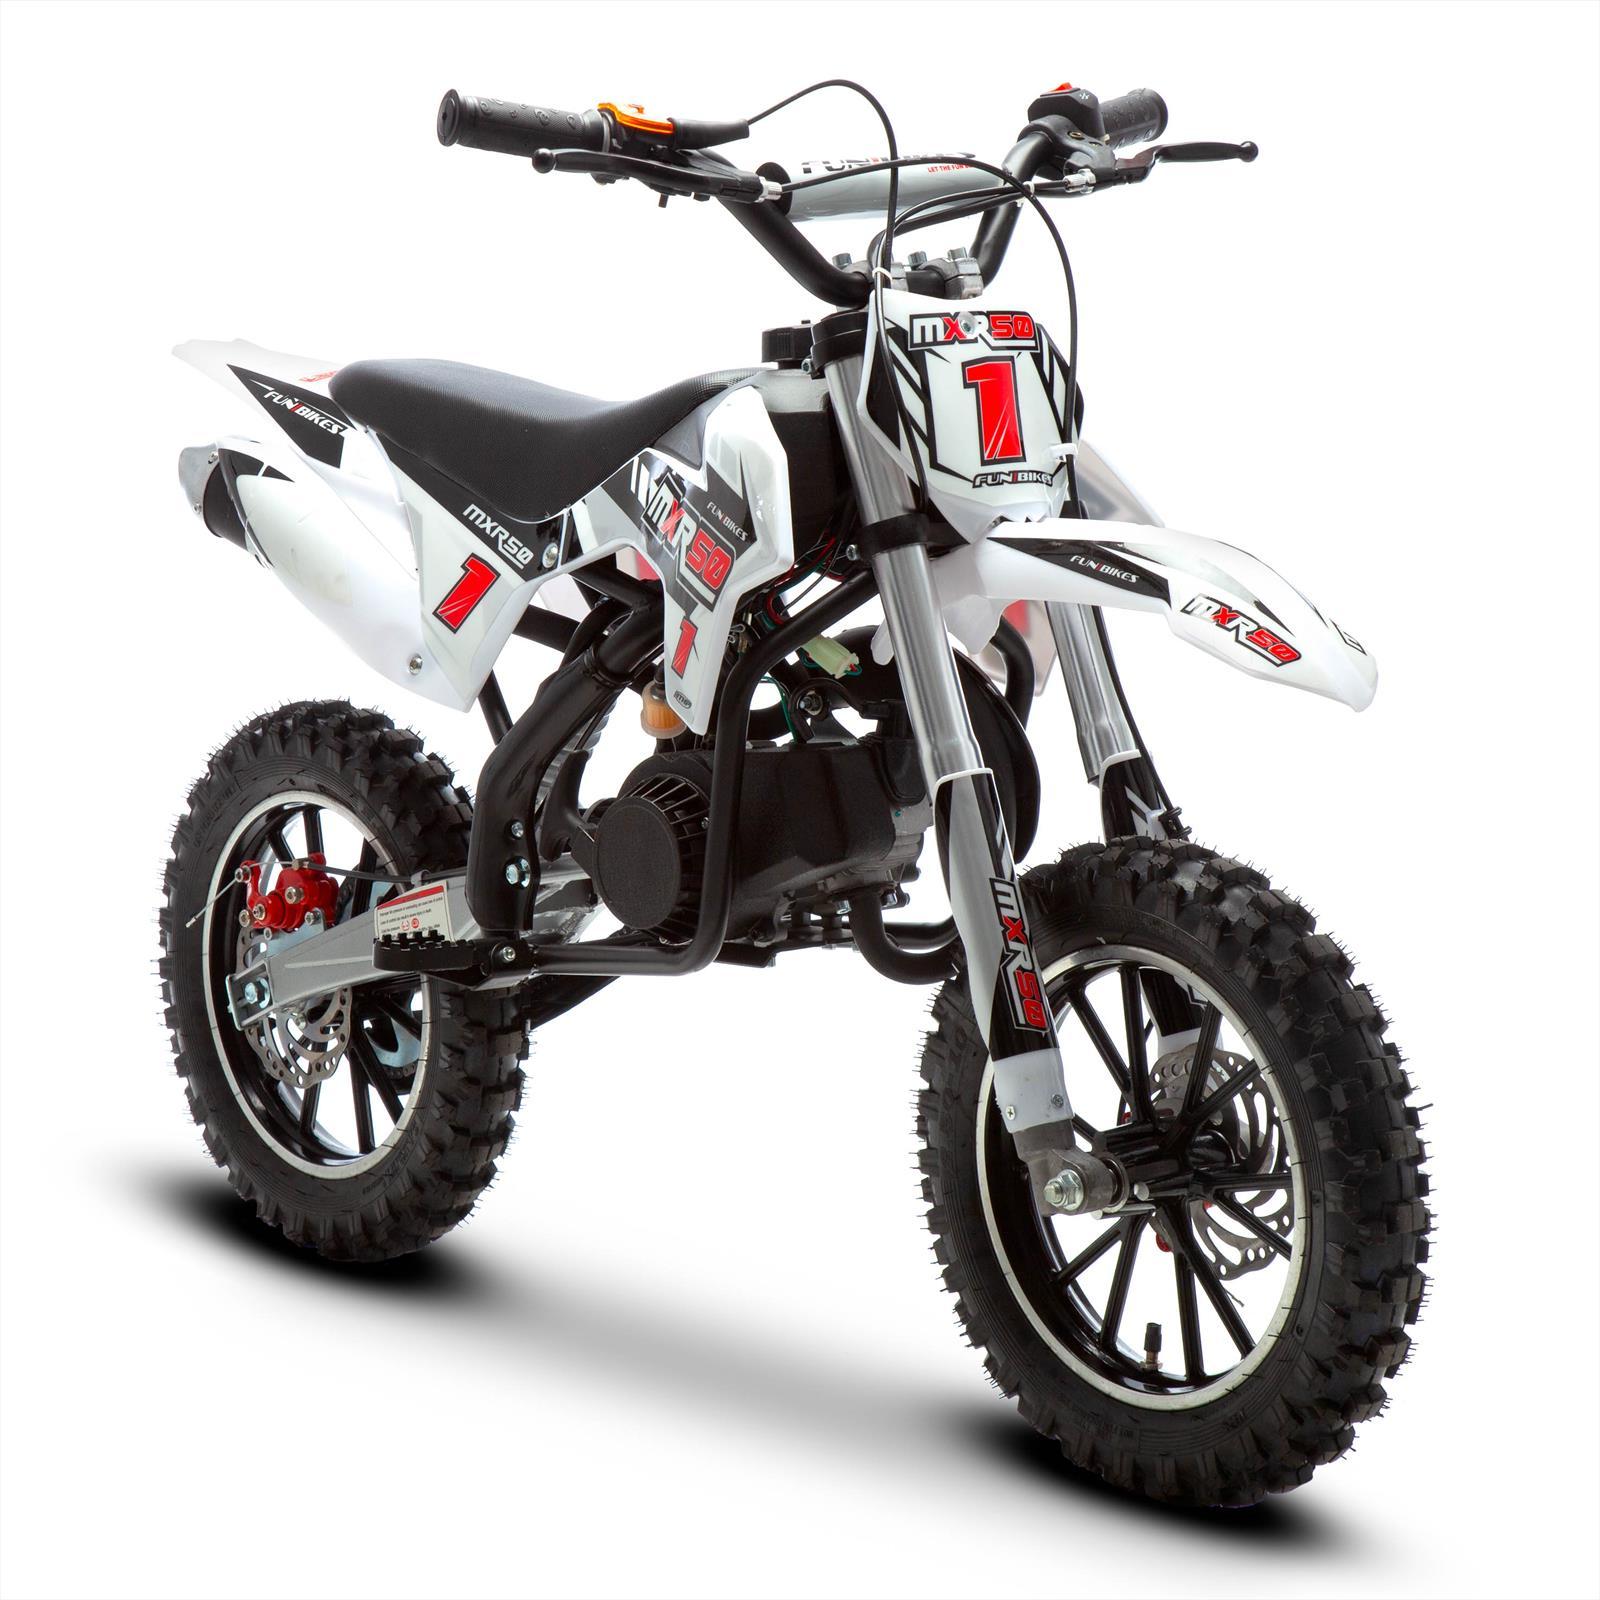 Funbikes Mxr 50cc 61cm Black Kids Mini Dirt Motorbike